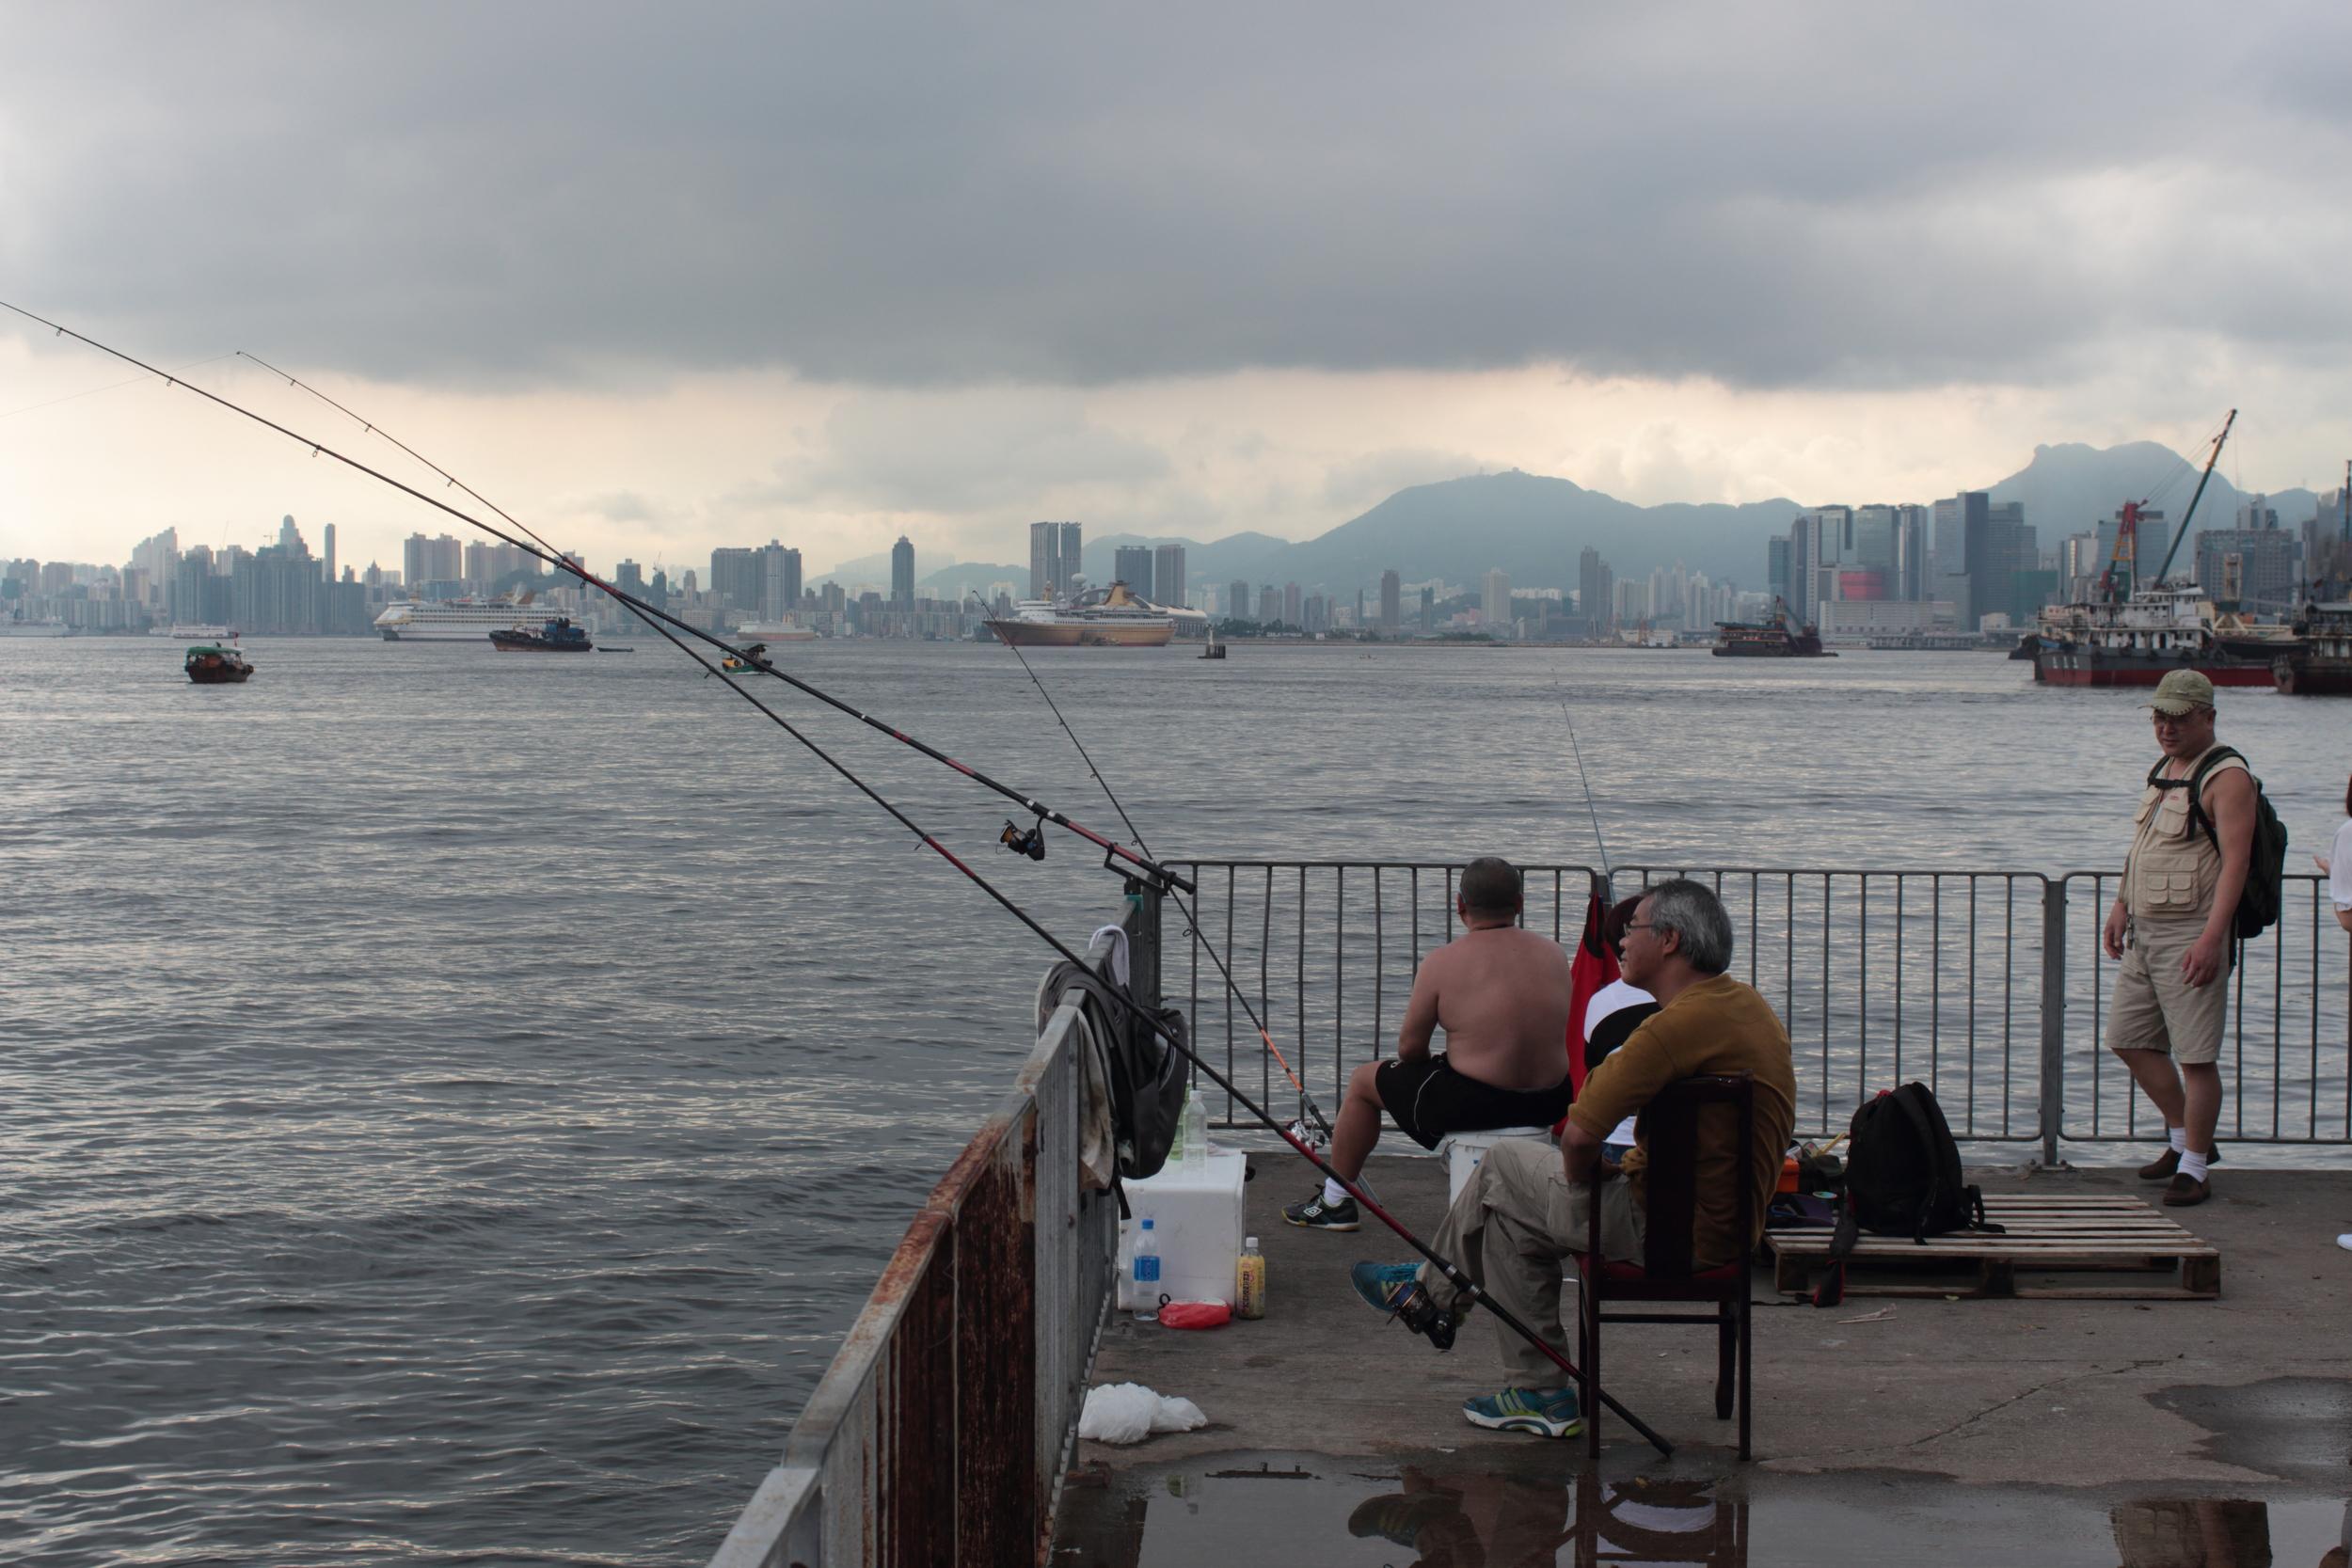 Fishin' Mission